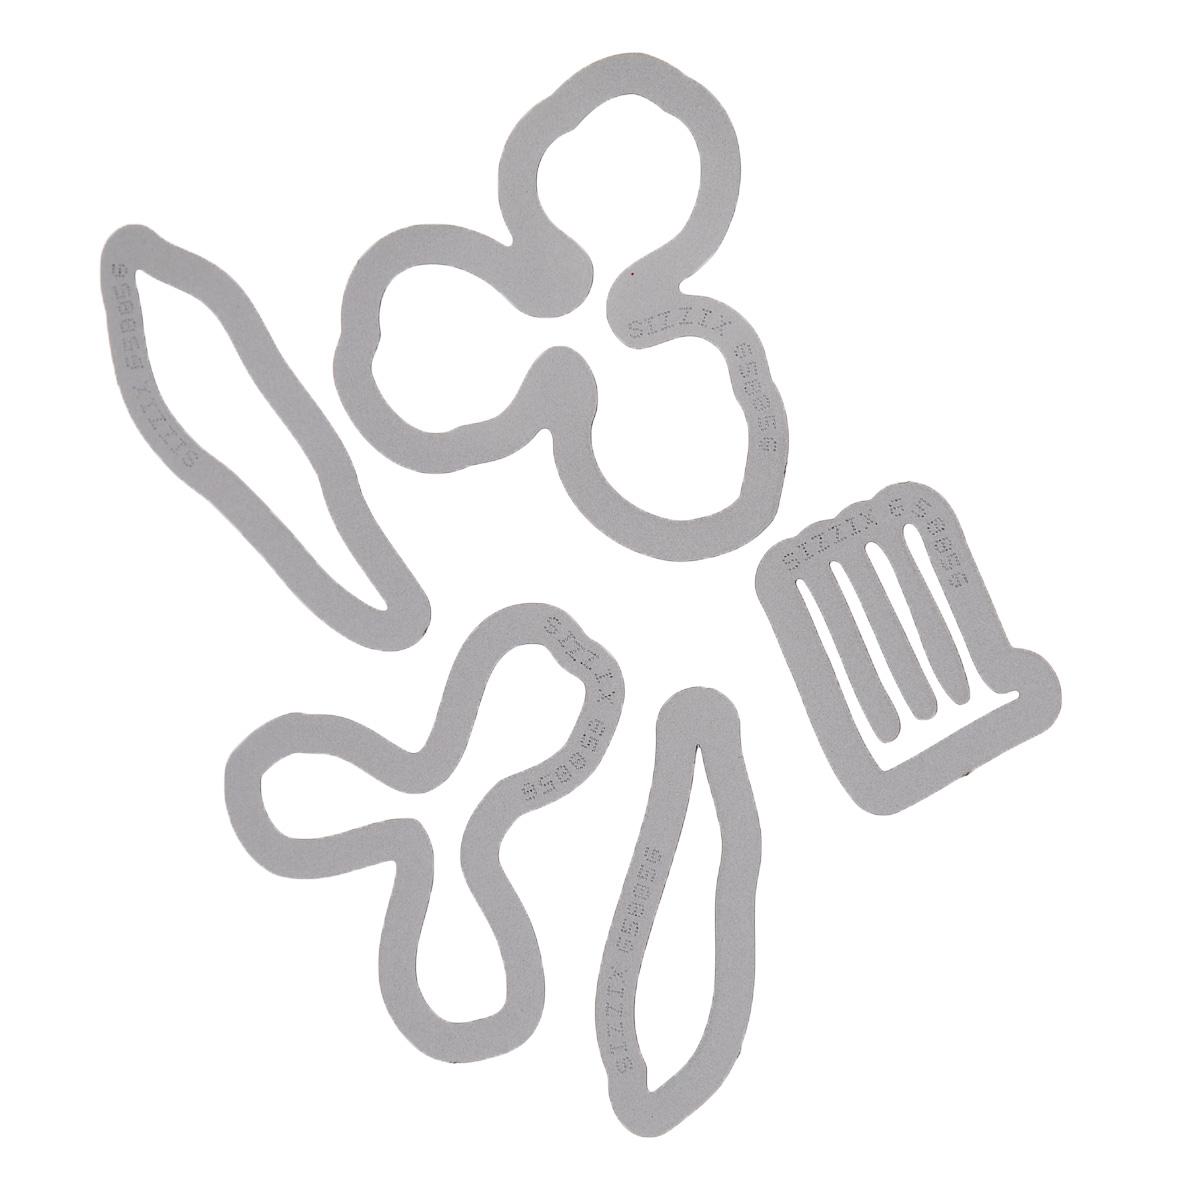 Форма для вырубки Sizzix Цветок. Кливиа, 5 шт658856С помощью форм для вырубки Sizzix Цветок. Кливиа можно создать фигурку в виде цветка кливии. Формы для вырубки - это определенной формы ножи, обеспечивающие форму вырубной фигуры. В комплект входит 5 форм, выполненных из металла в виде составляющих частей цветка. Они режут бумагу, картон и ткань. Формы станут незаменимыми при создании скрап-страничек, открыток и конвертов с резными декоративными фигурками и ажурными украшениями. Формы для вырубки разнообразят вашу работу и добавят вдохновения для новых идей. Формы подходят для машинки для вырубки. Средний размер форм: 2,5 см х 1,9 см. Комплектация: 5 шт.